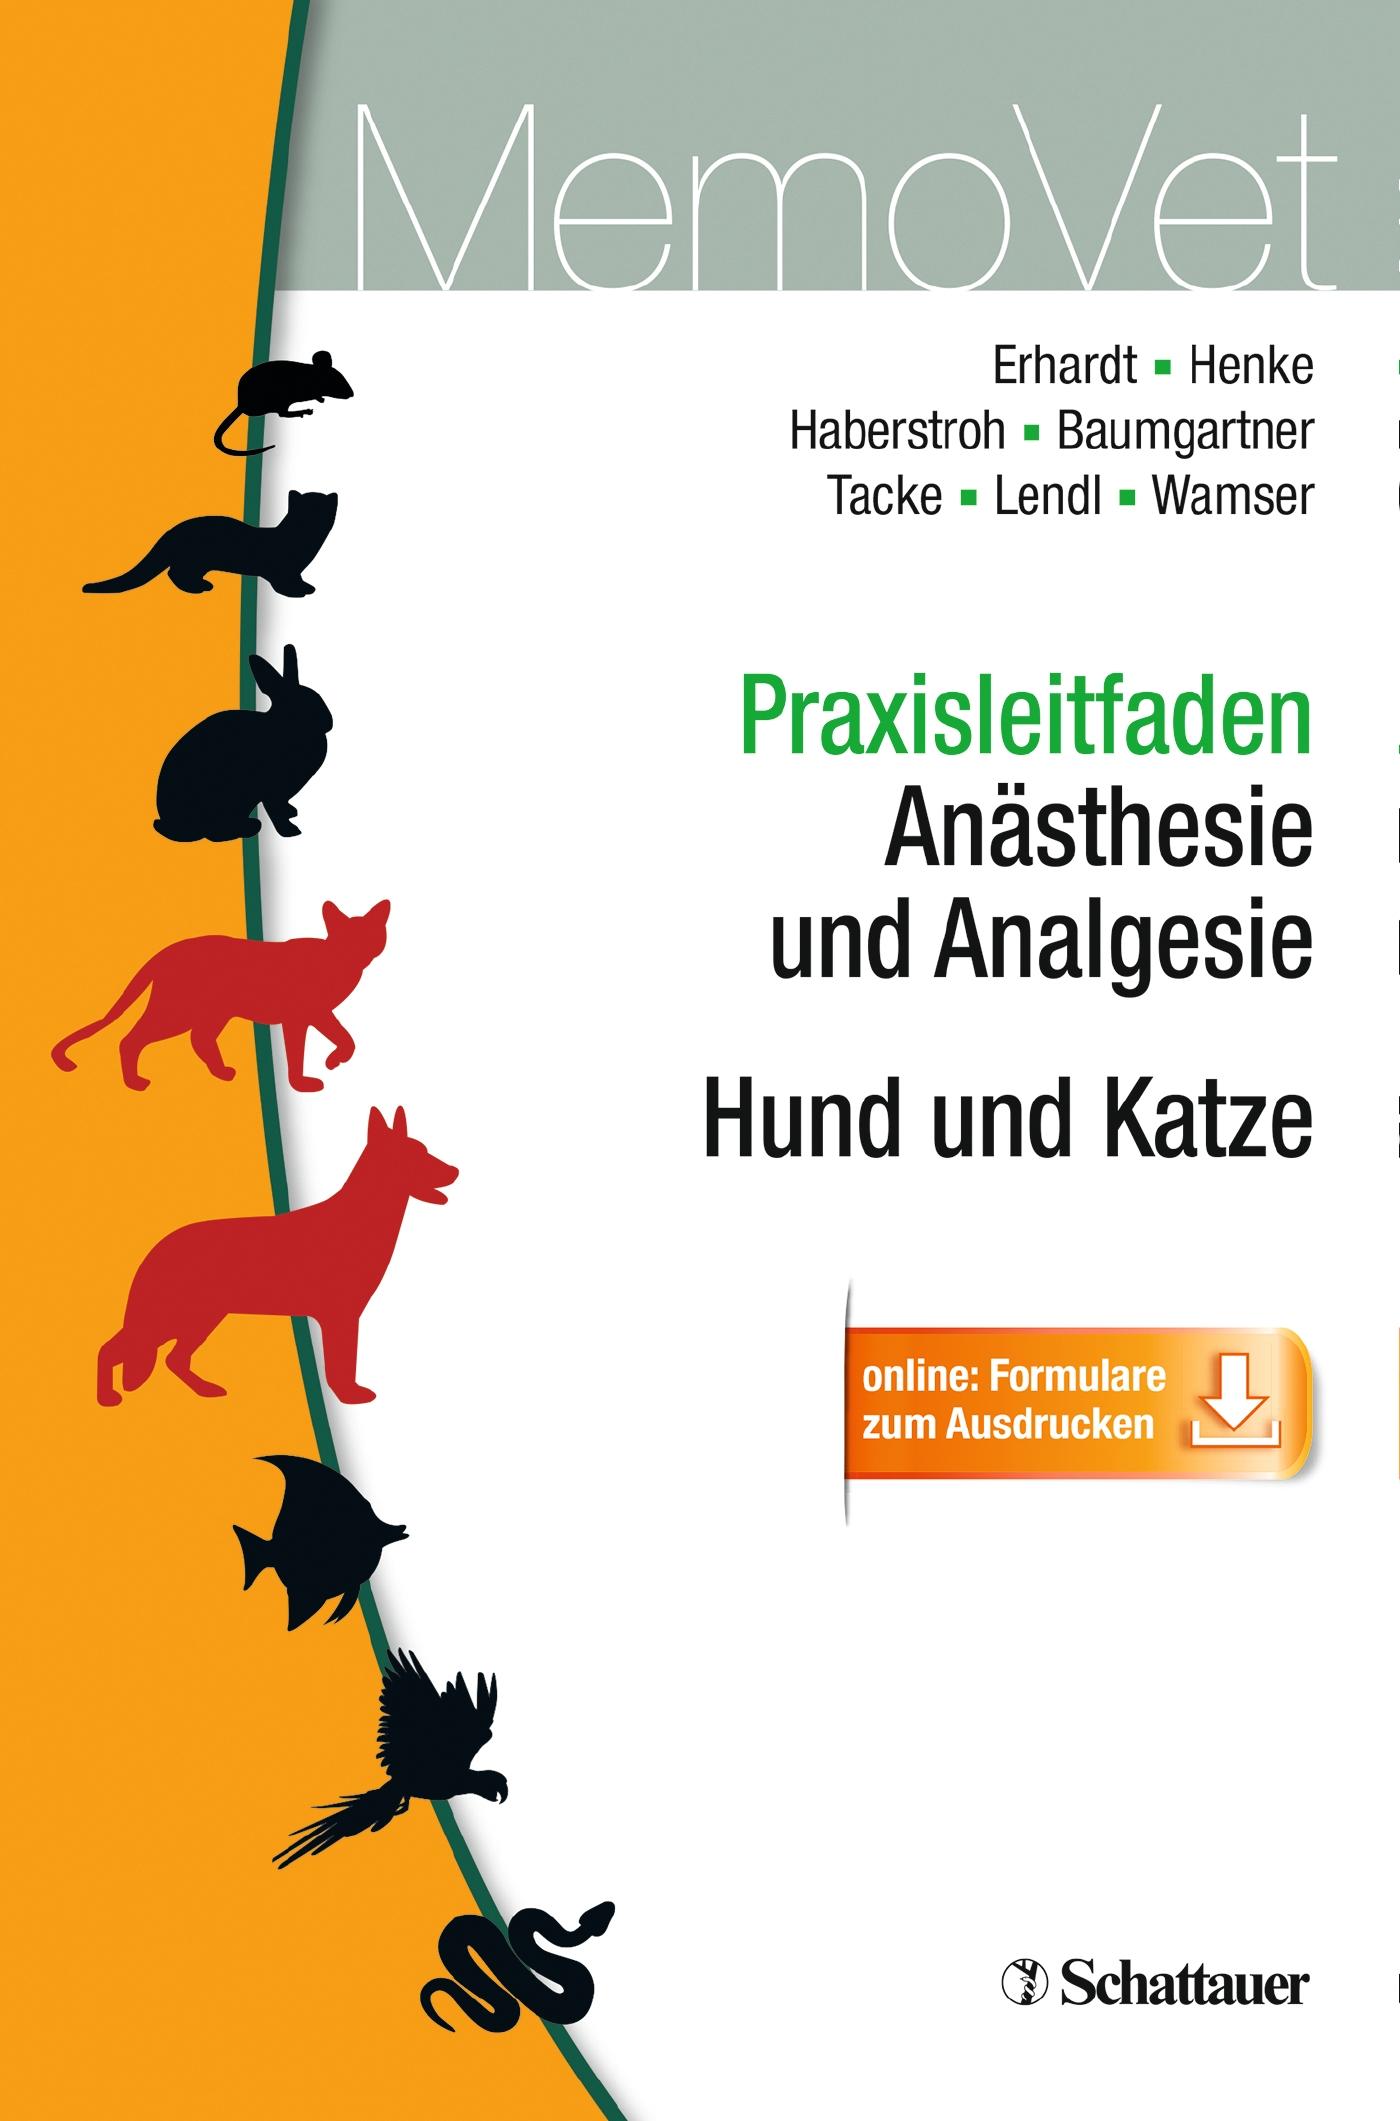 Praxisleitfaden Anästhesie und Analgesie - Hund und Katze